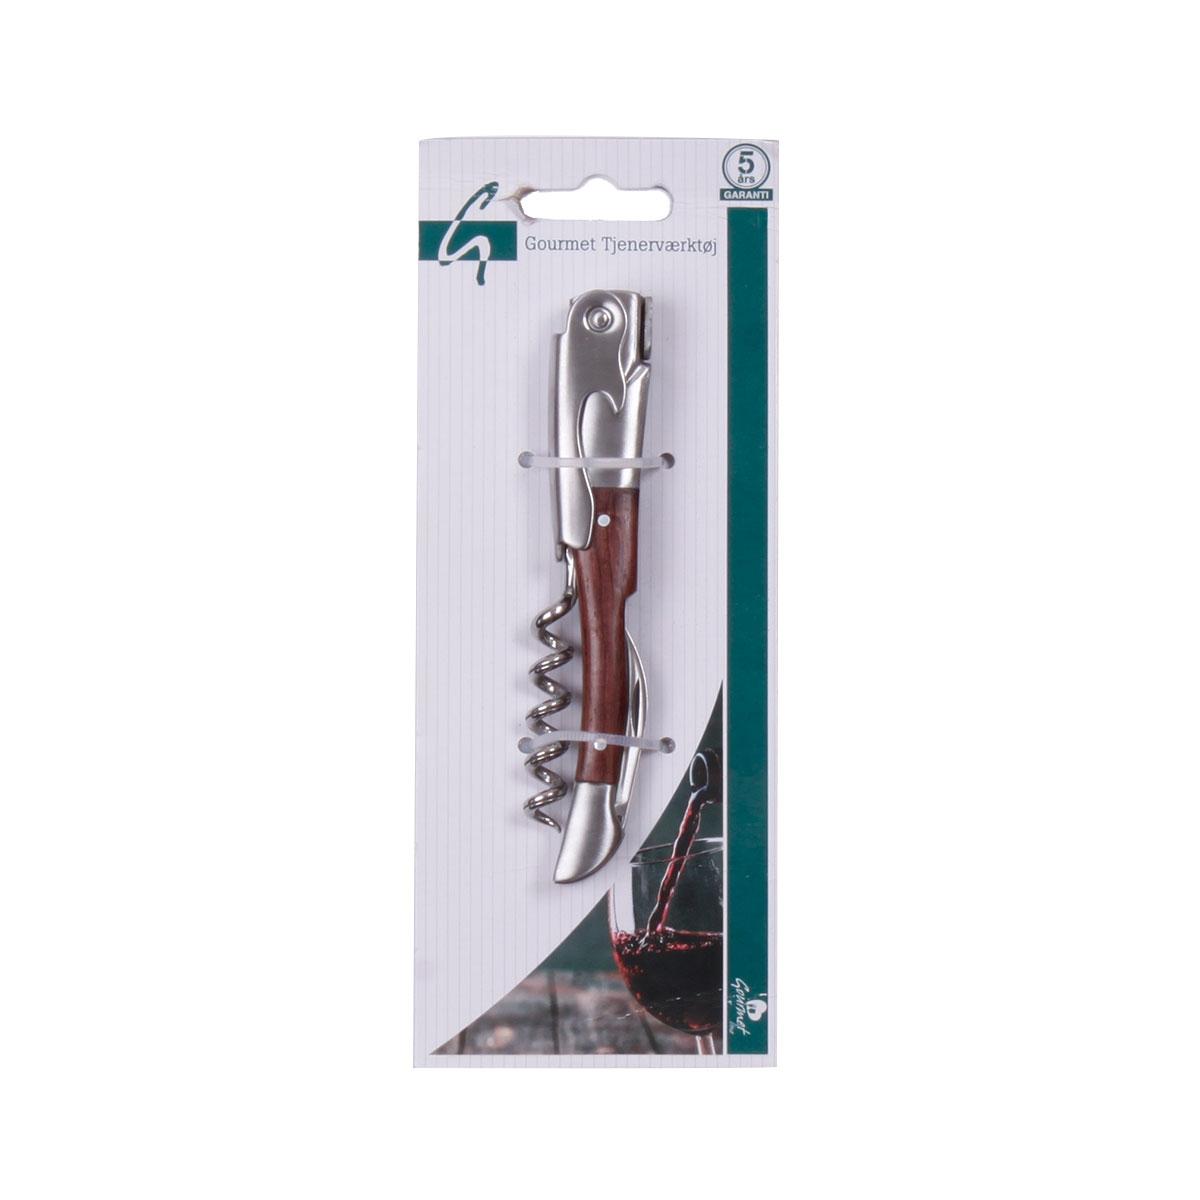 Gourmet Vinoplukker / Tjenerproptrækker – Rosentræ / rustfrit stål